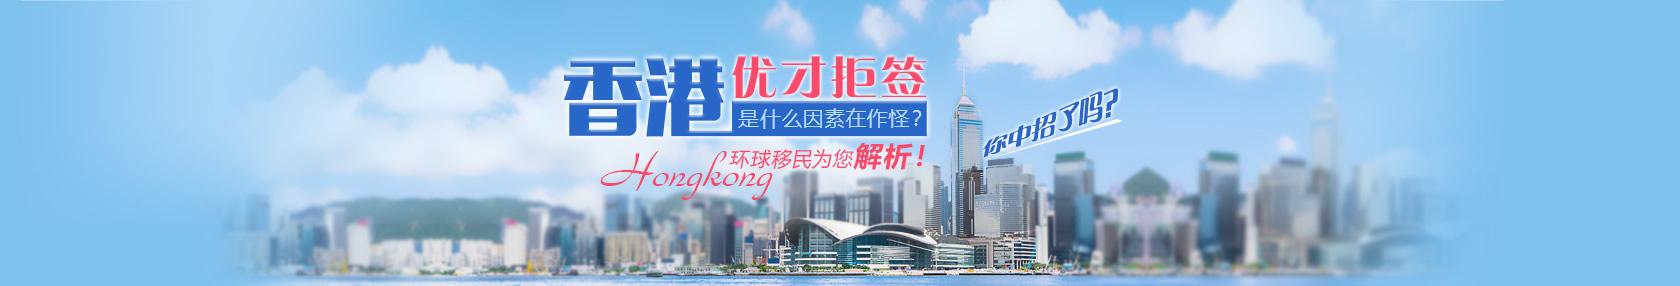 【香港优才】环球出国为您解析香港优才拒绝的因素